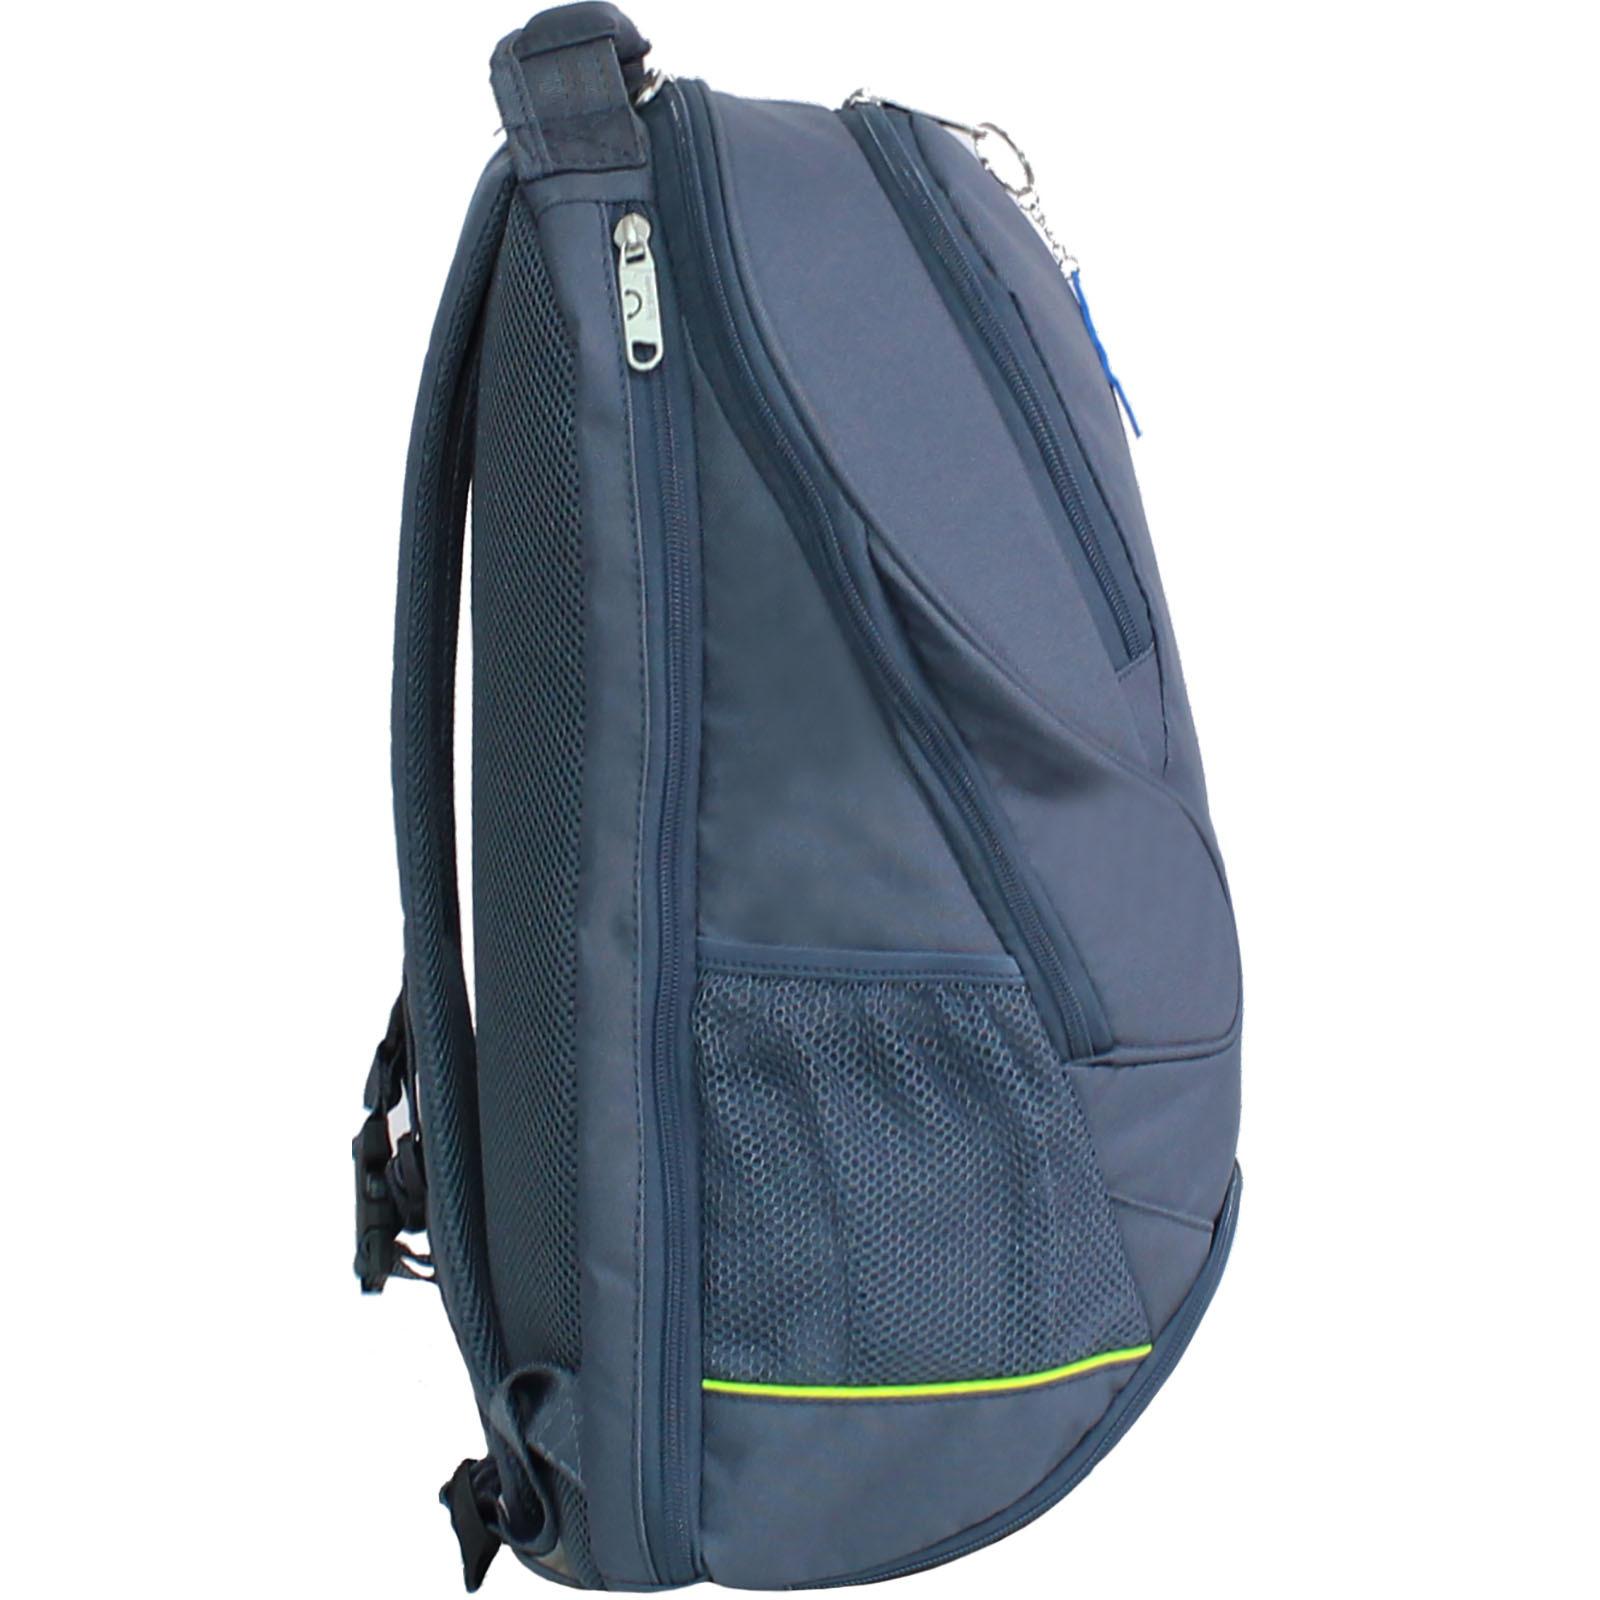 Рюкзак для ноутбука Bagland Рюкзак ZOOTY 24 л. Серый (00531662) фото 2